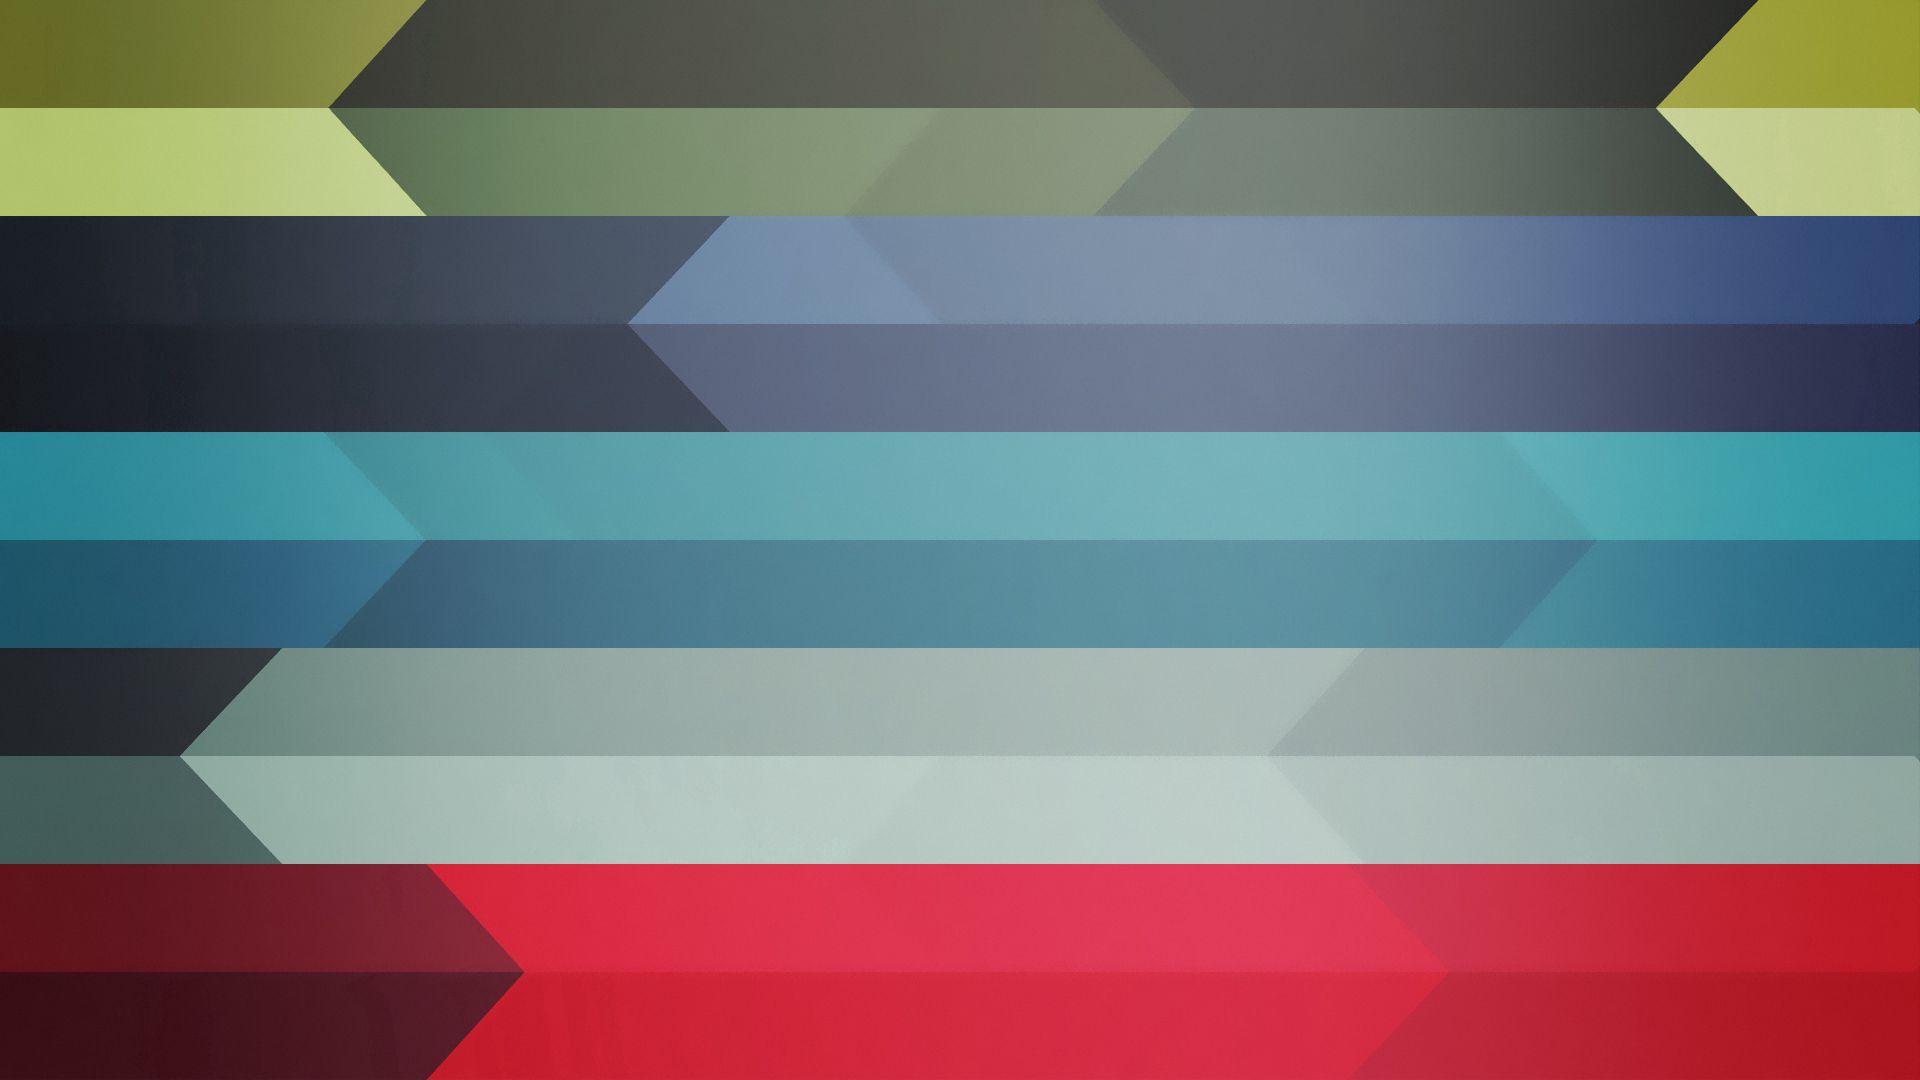 150629 descargar fondo de pantalla Abstracción, Líneas, Lineas, Brillar, Luz, Fondo, Rayas, Vistoso, Colorido: protectores de pantalla e imágenes gratis